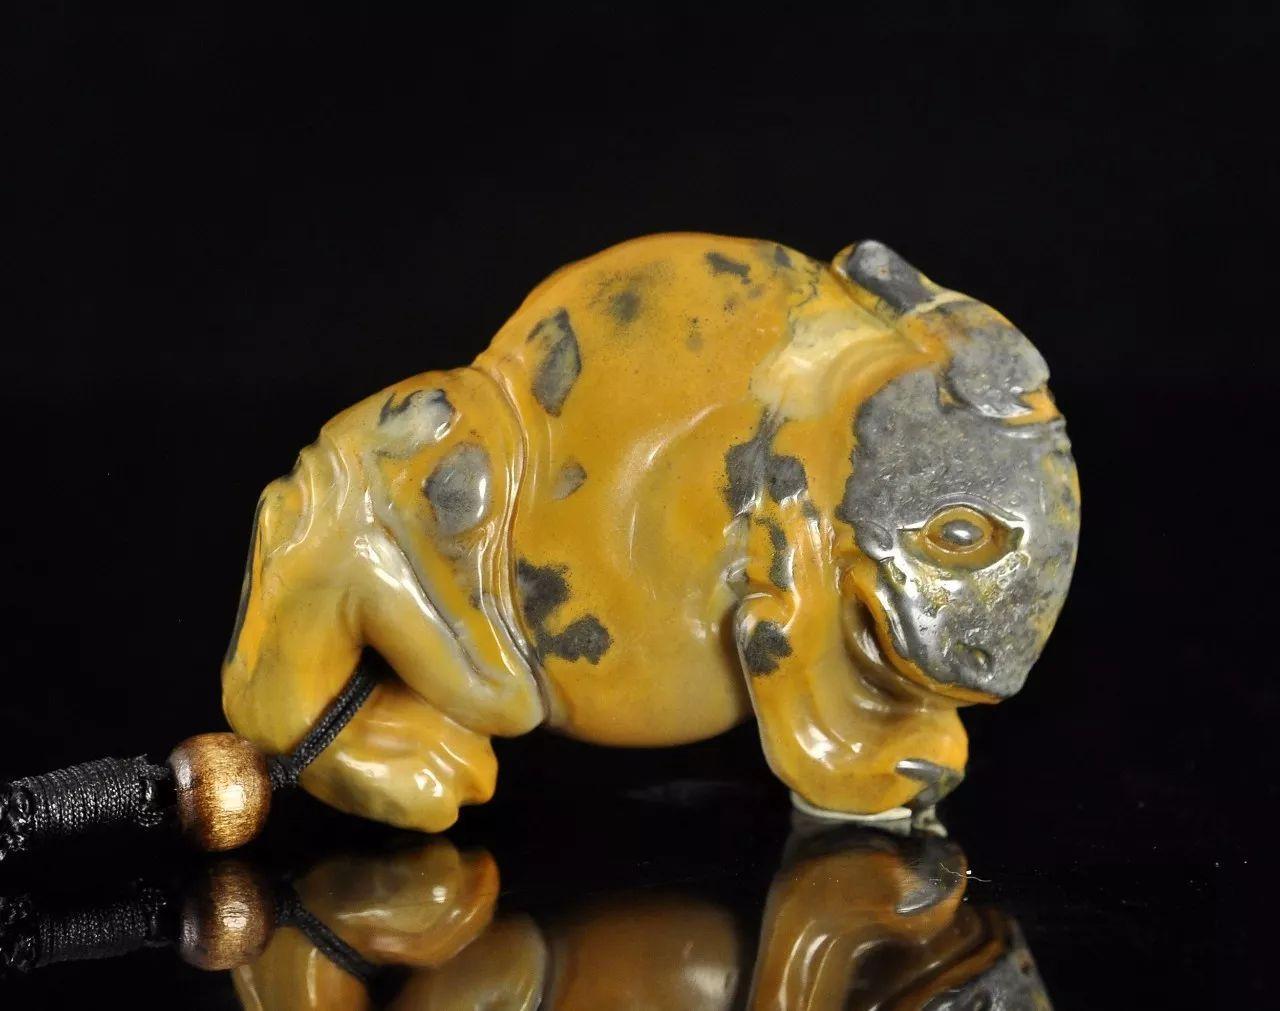 作者利用石皮的颜色巧雕一只三脚金蟾,三脚蟾蜍自古以来就是催财守财